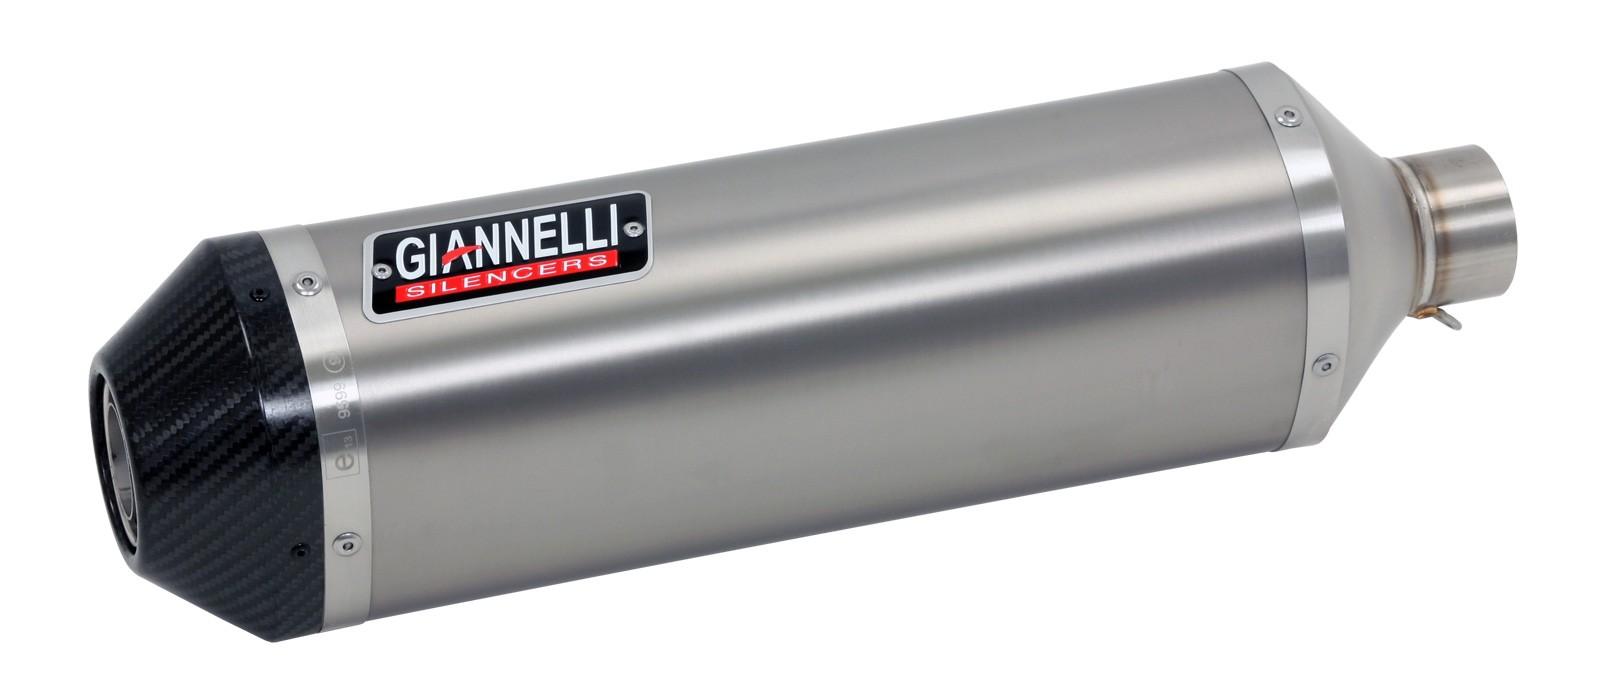 ESCAPES GIANNELLI DUCATI - Sistema completo IPERSPORT Silenciador nicrom Ducati MULTISTRADA 1200 / 1200S Giannelli 7376